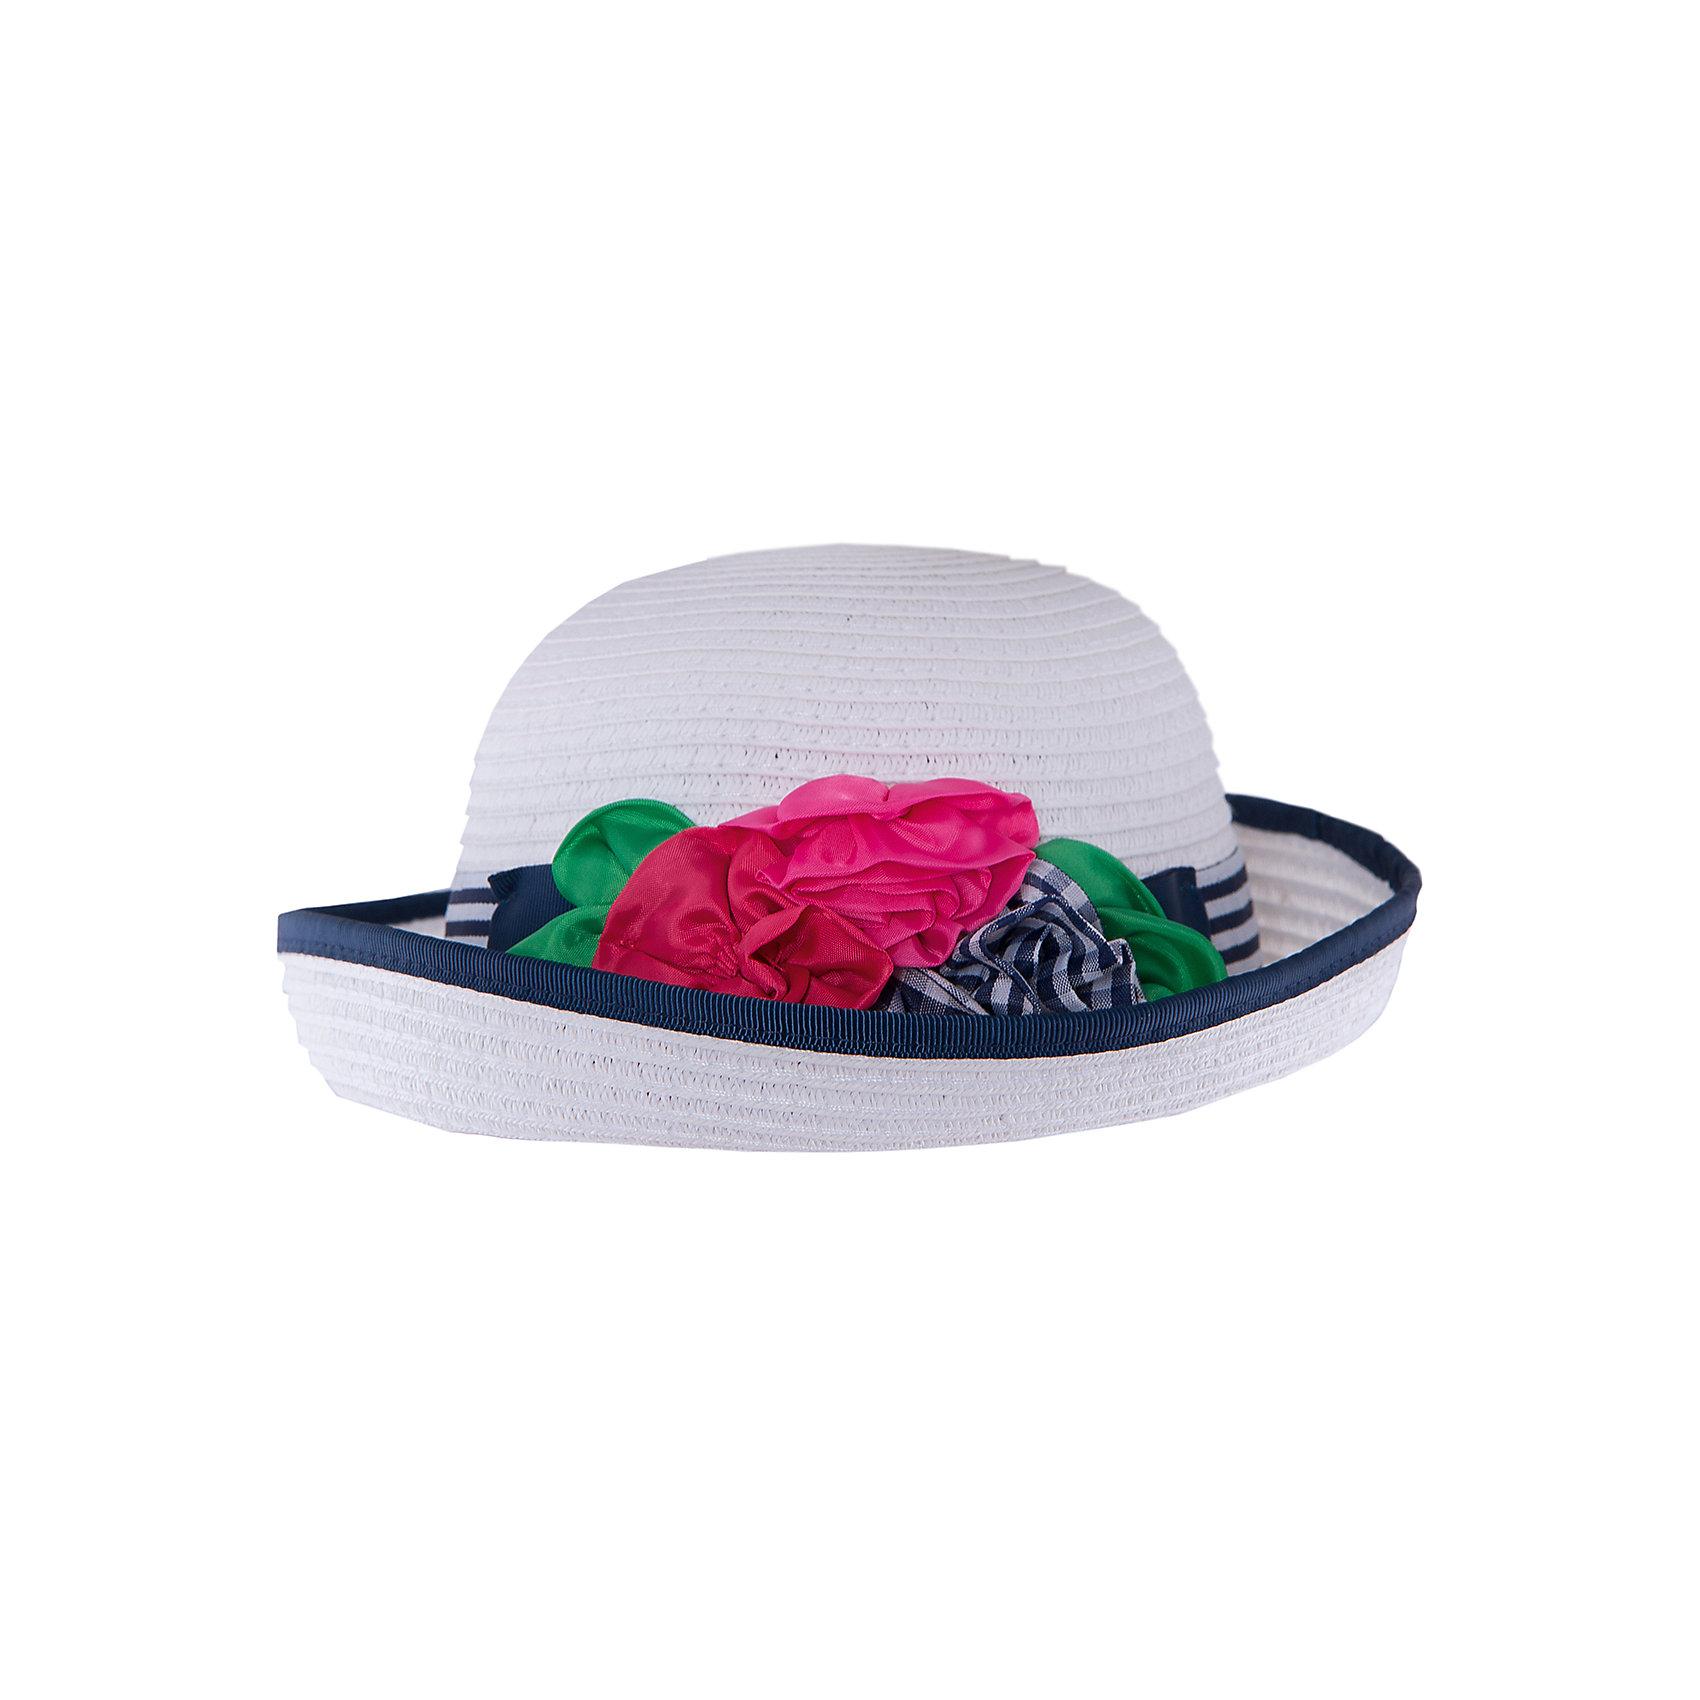 Шляпа для девочки MayoralШапочки<br>Шляпа для девочки от известной марки Mayoral<br><br>Удобная шляпа дополнит образ девочки и убережет голову от перегрева в новом весенне-летнем сезоне. Эта модель разработала специально для девочек. Сделана она из легкого, но прочного материала, украшена текстильными цветами.<br><br>Особенности модели:<br><br>- цвет: белый, синий;<br>- цветная окантовка;<br>- легкий материал;<br>- украшена окантовкой и лентой;<br>- декорирована цветами;<br>- глубокая посадка.<br><br>Дополнительная информация:<br><br>Состав: 100% бумага<br> <br>Шляпу для девочки от Mayoral (Майорал) можно купить в нашем магазине.<br><br>Ширина мм: 89<br>Глубина мм: 117<br>Высота мм: 44<br>Вес г: 155<br>Цвет: синий<br>Возраст от месяцев: 6<br>Возраст до месяцев: 9<br>Пол: Женский<br>Возраст: Детский<br>Размер: 46,50,48<br>SKU: 4539086